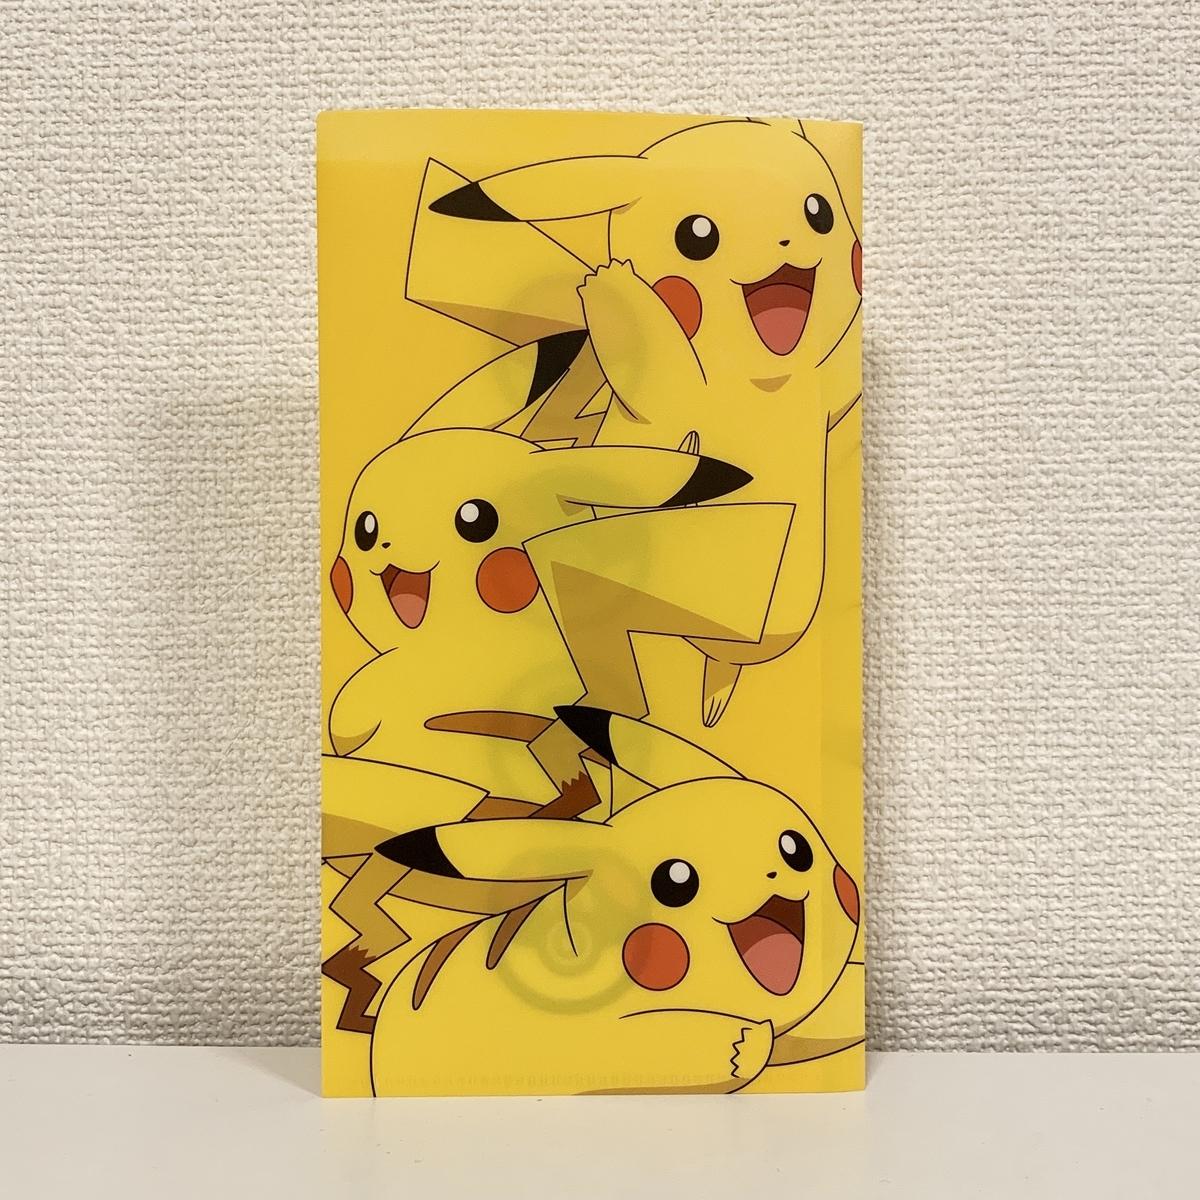 f:id:pikachu_pcn:20201119192227j:plain